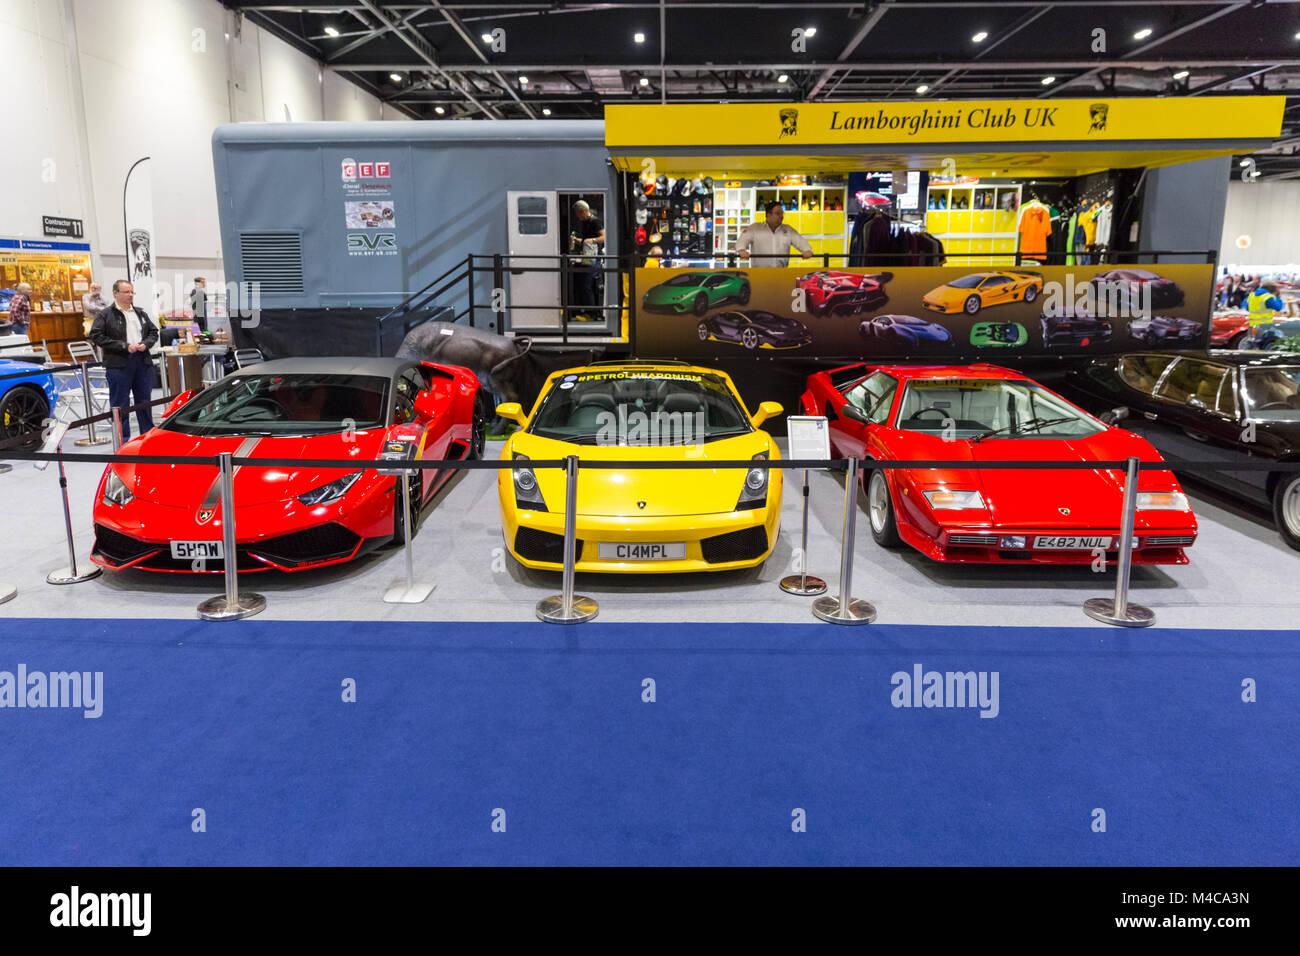 Excel London 15th Feb 2018 A Lamborghini Gallardo Spyder Middle